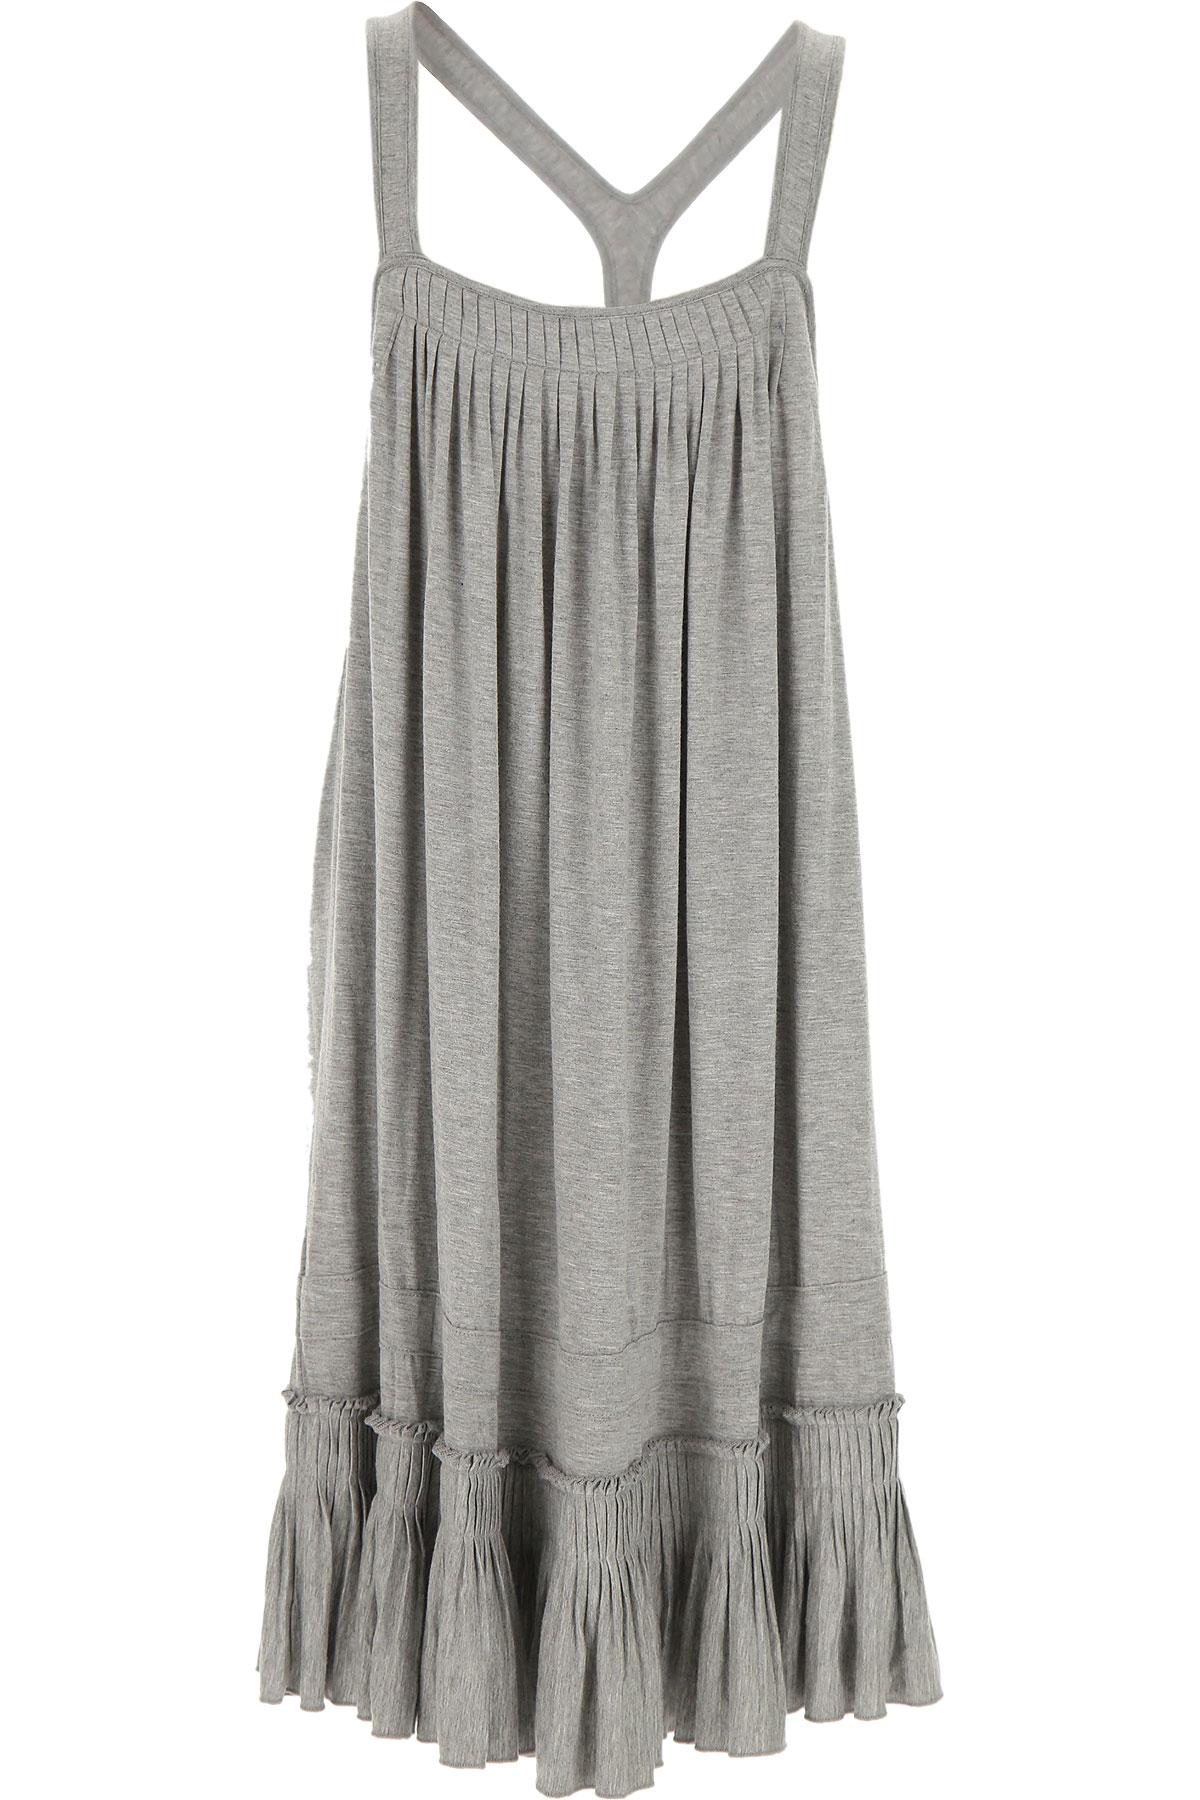 Lu - Lu Robes Fille Pas cher en Soldes Outlet, Gris, Viscose, 2019, XL XXL